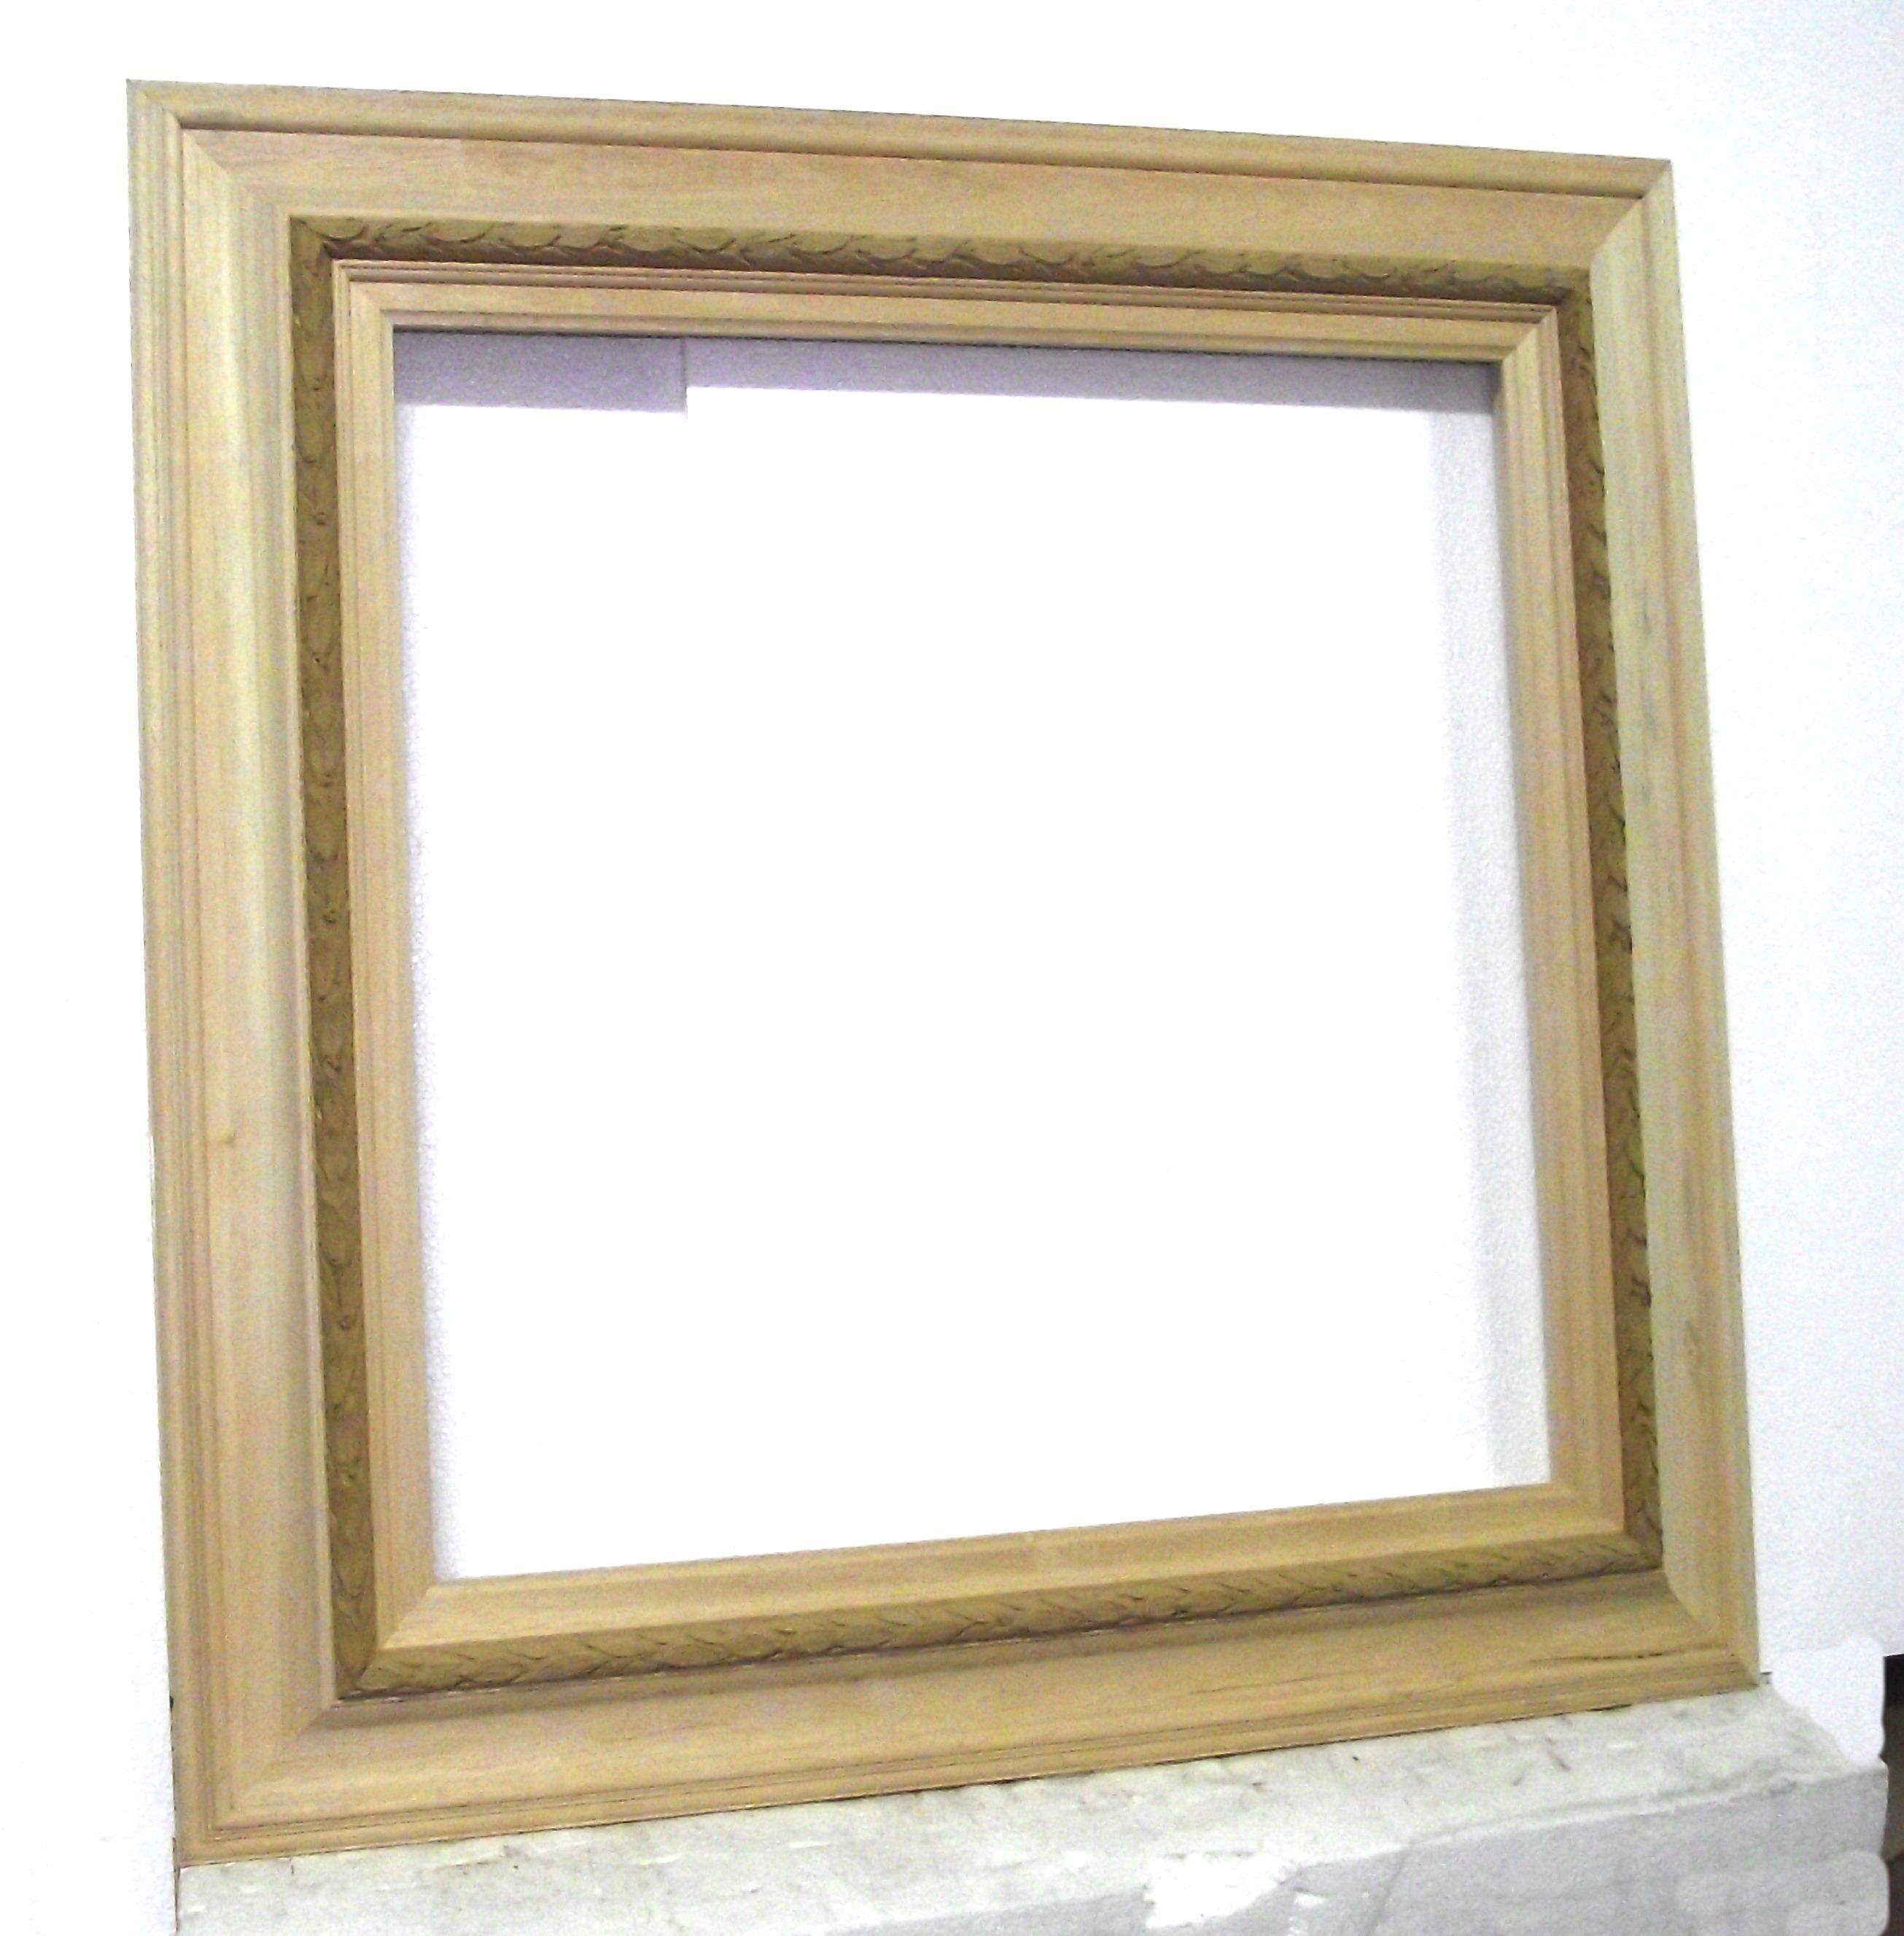 Square frame rough